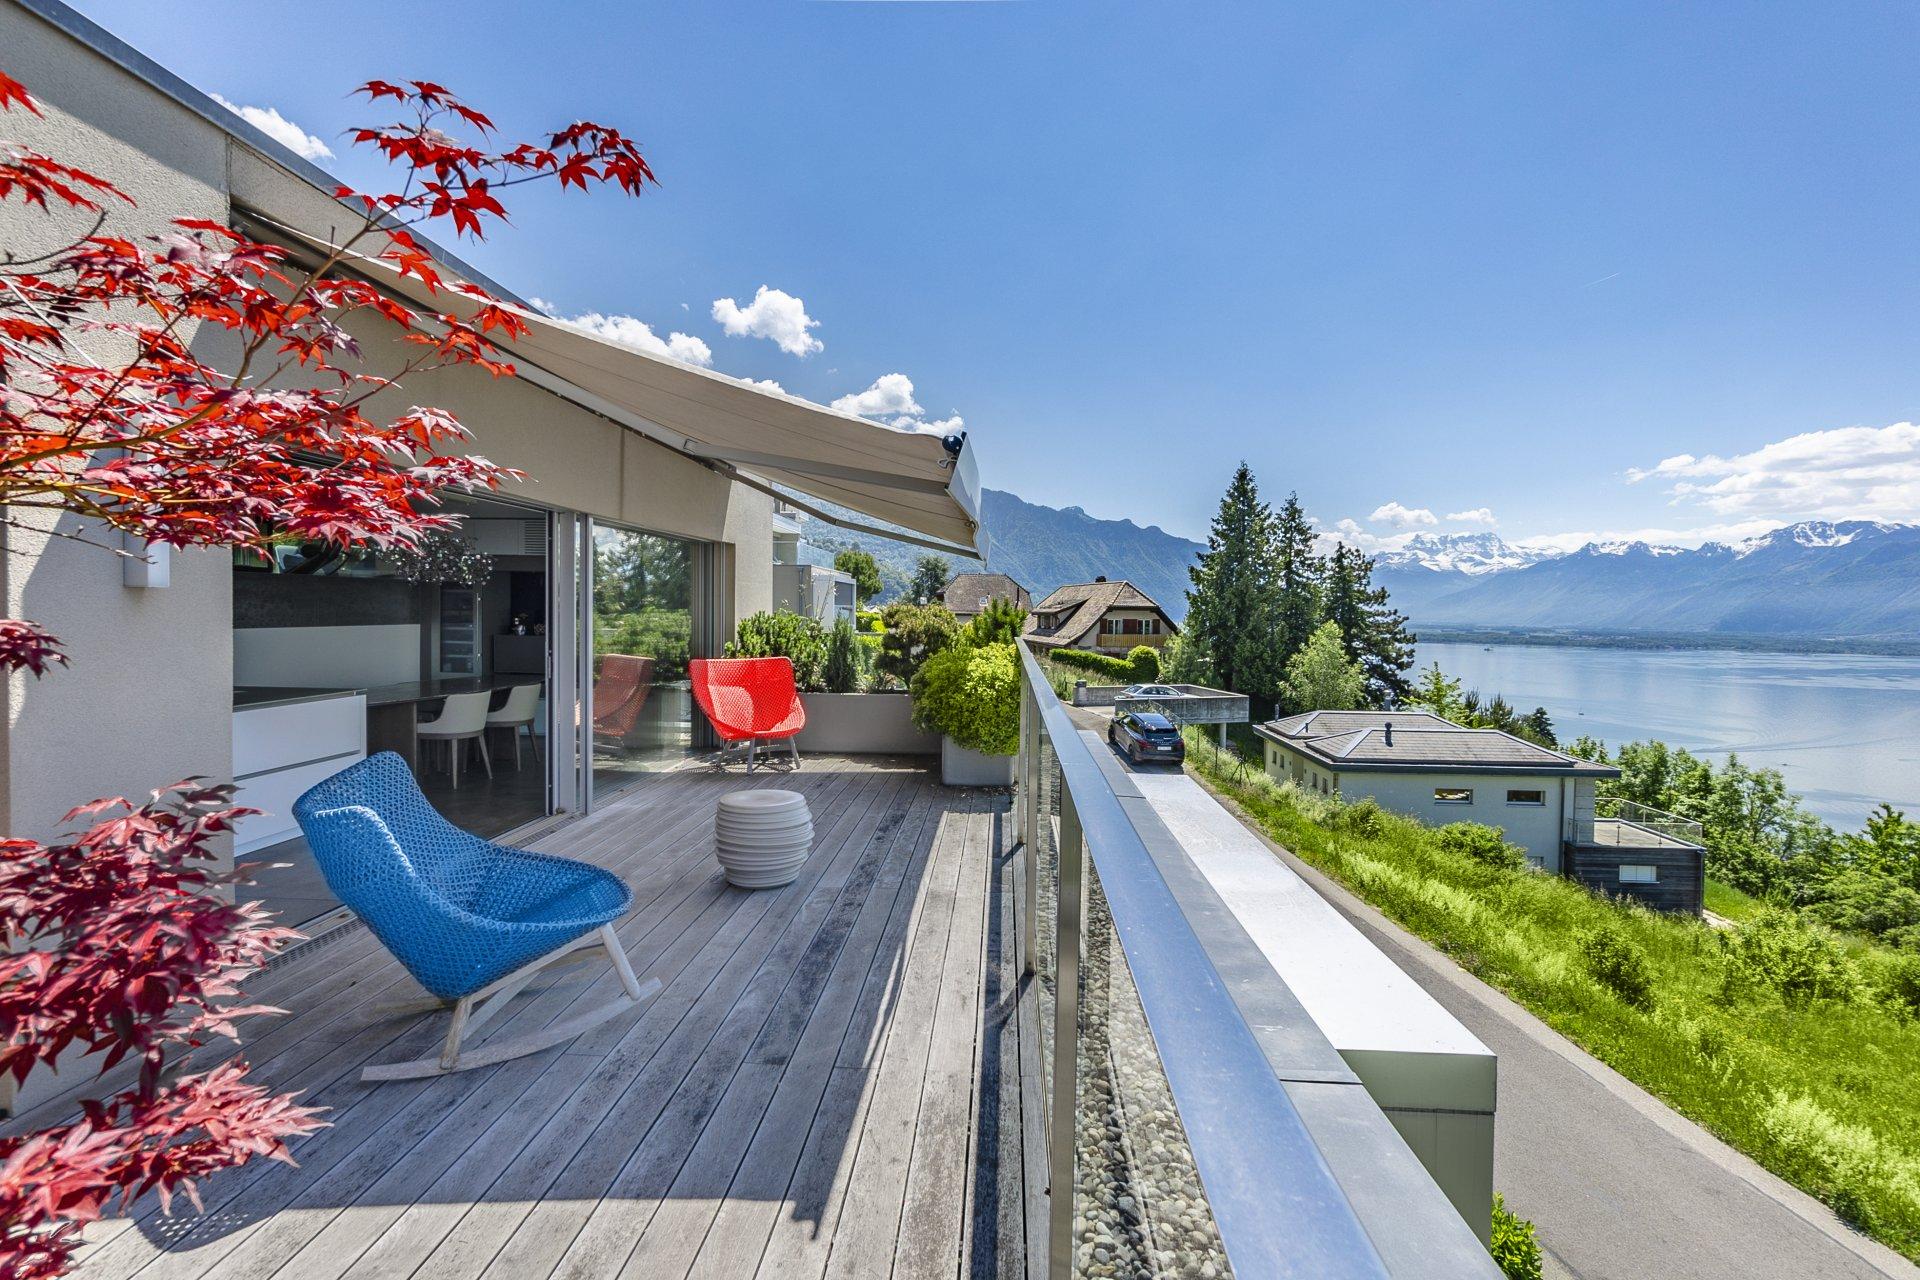 Пентхаус с видом на Женевское озеро в Швейцарии, Монтрё